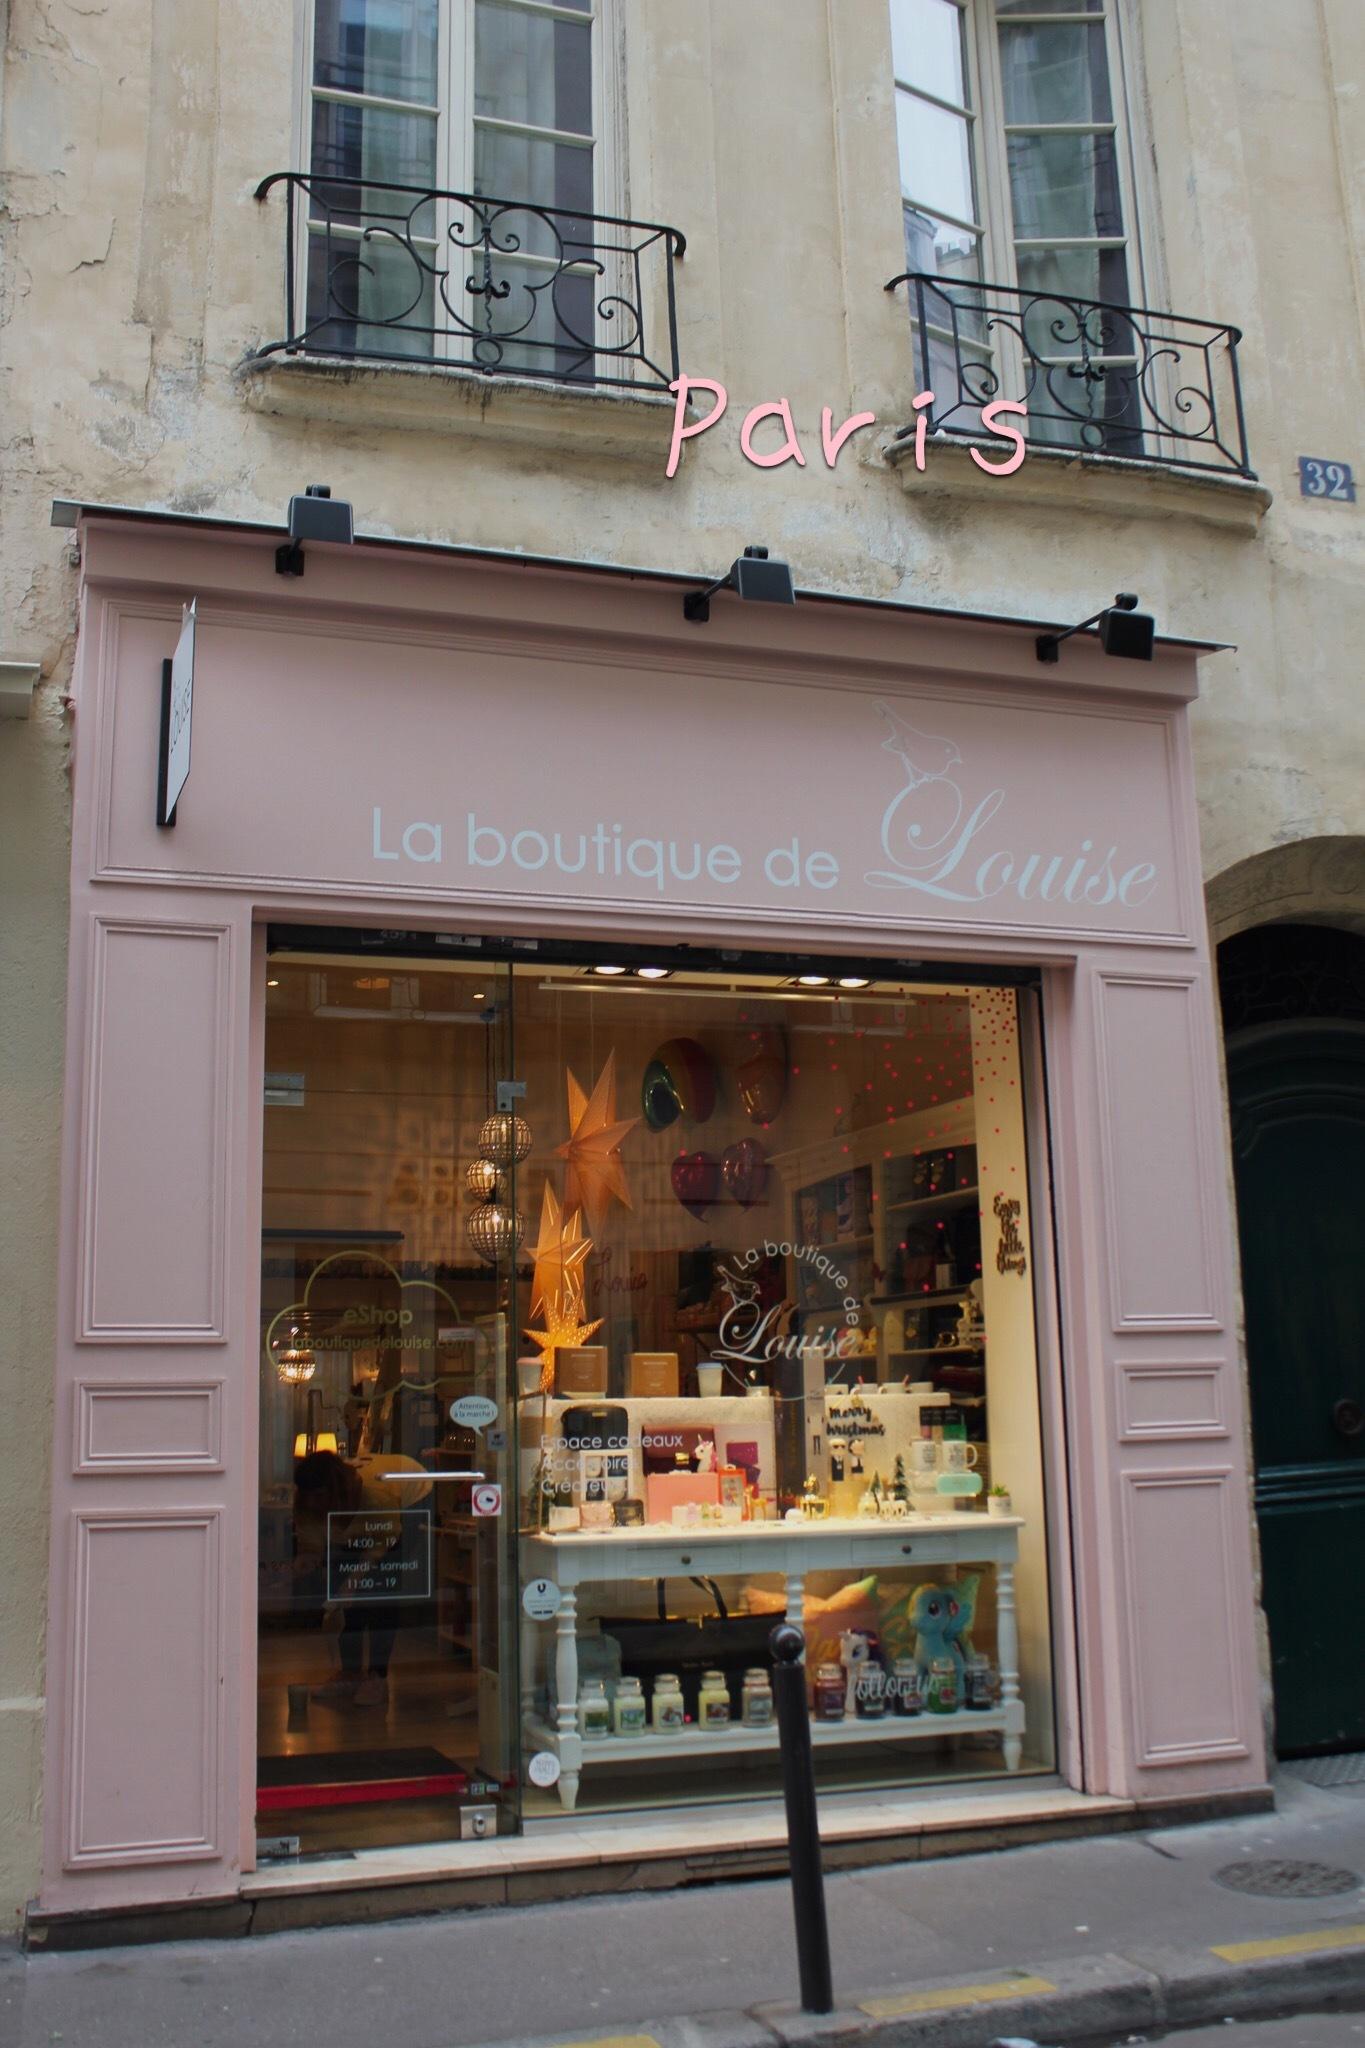 パリの旅日記!サンジェルマン・デプレ*⃝̣◌︎⑅⃝︎◍︎♡︎◌︎*⃝̥◍︎♡︎_a0213806_17063957.jpeg